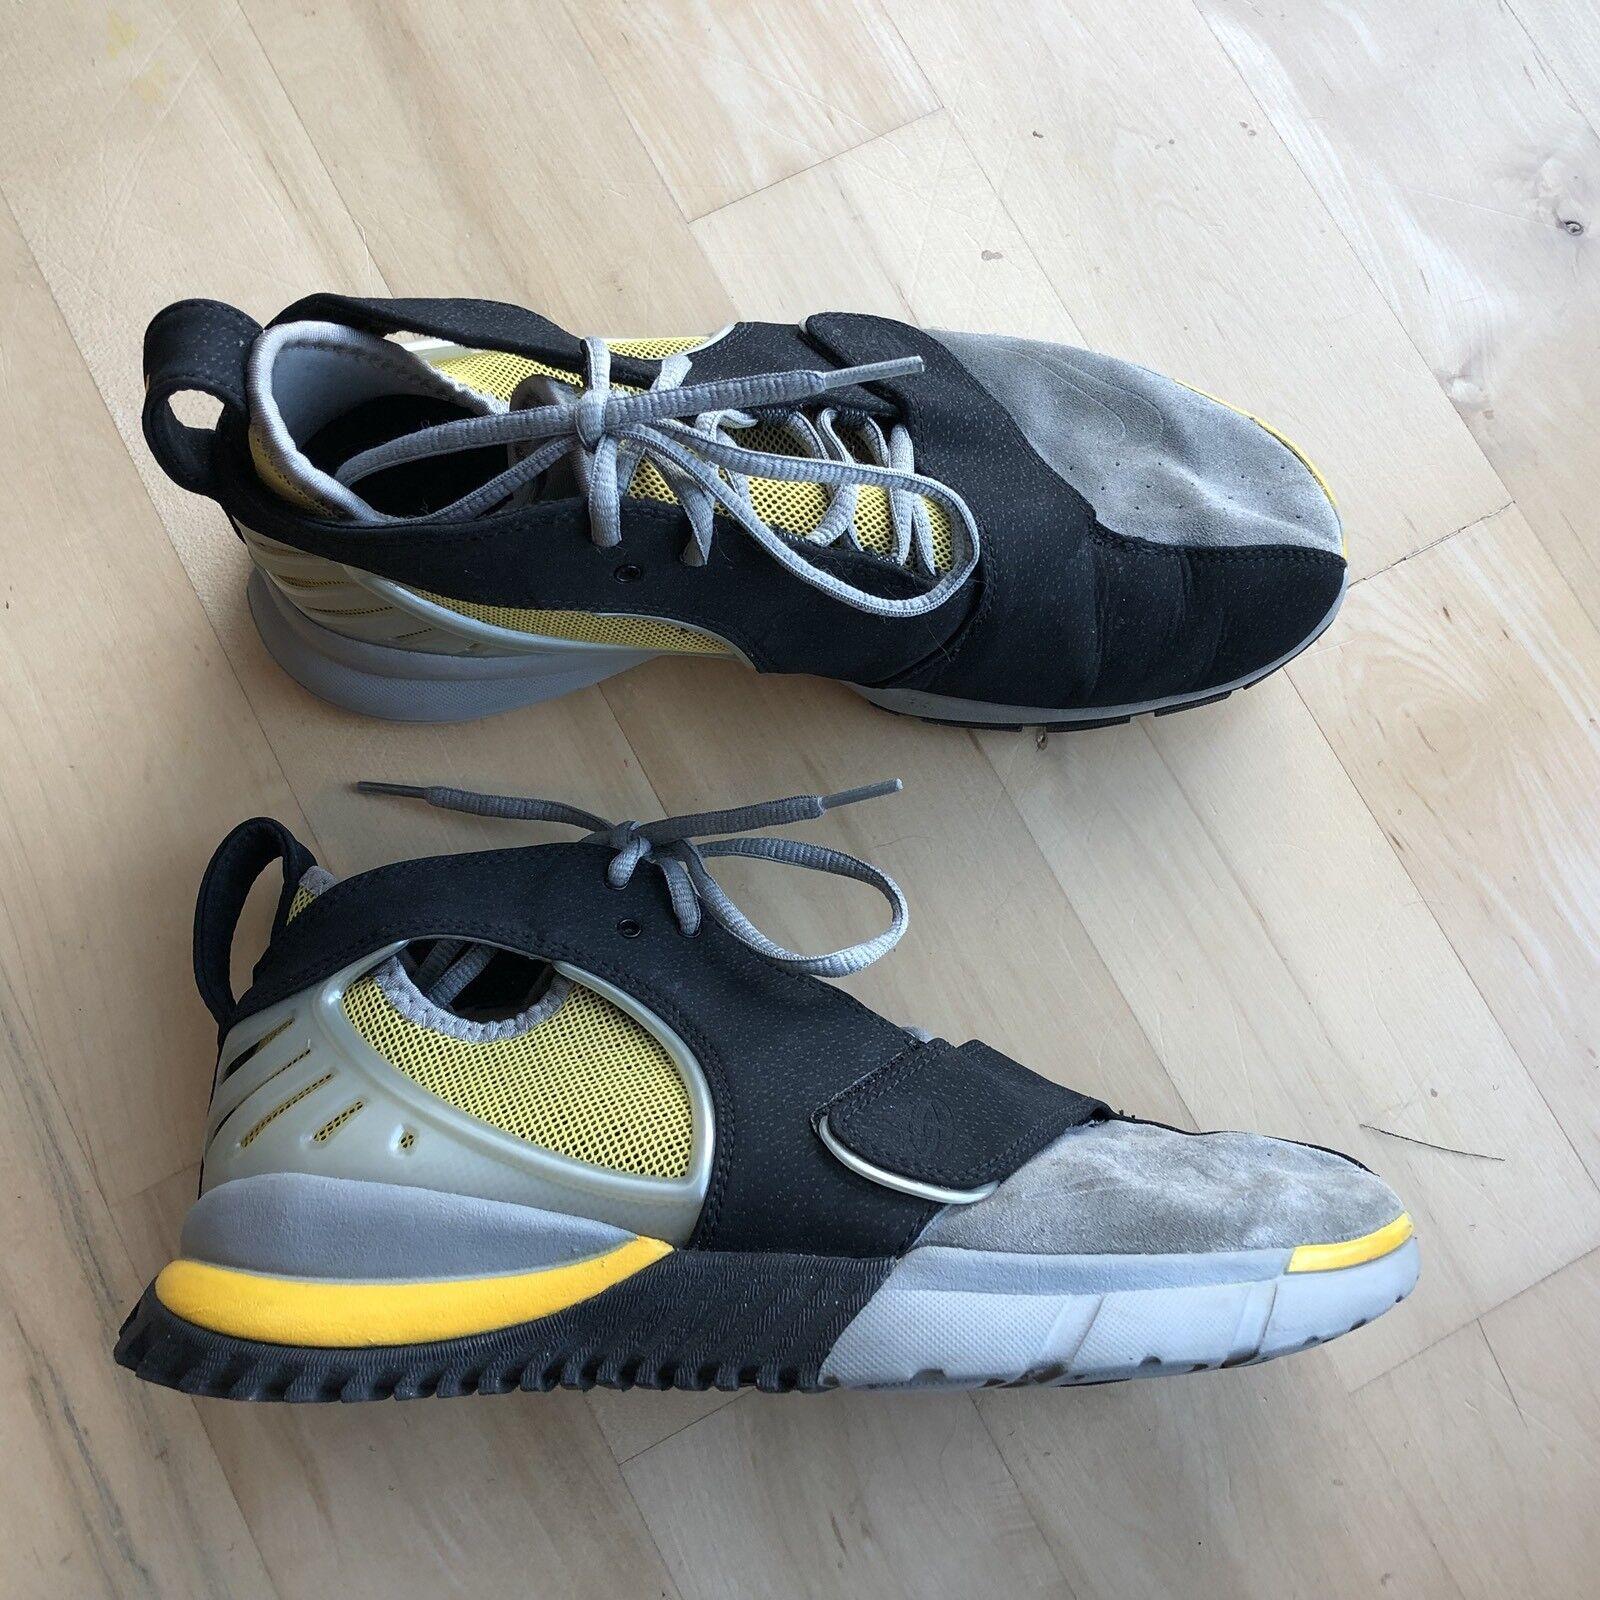 quality design 13c76 dada1 Ht2k6 2018 Nike 7,5 zapatos Air Trainer huarache amarillo gris negro 313373  7,5 Nike estacional de liquidación 6be554